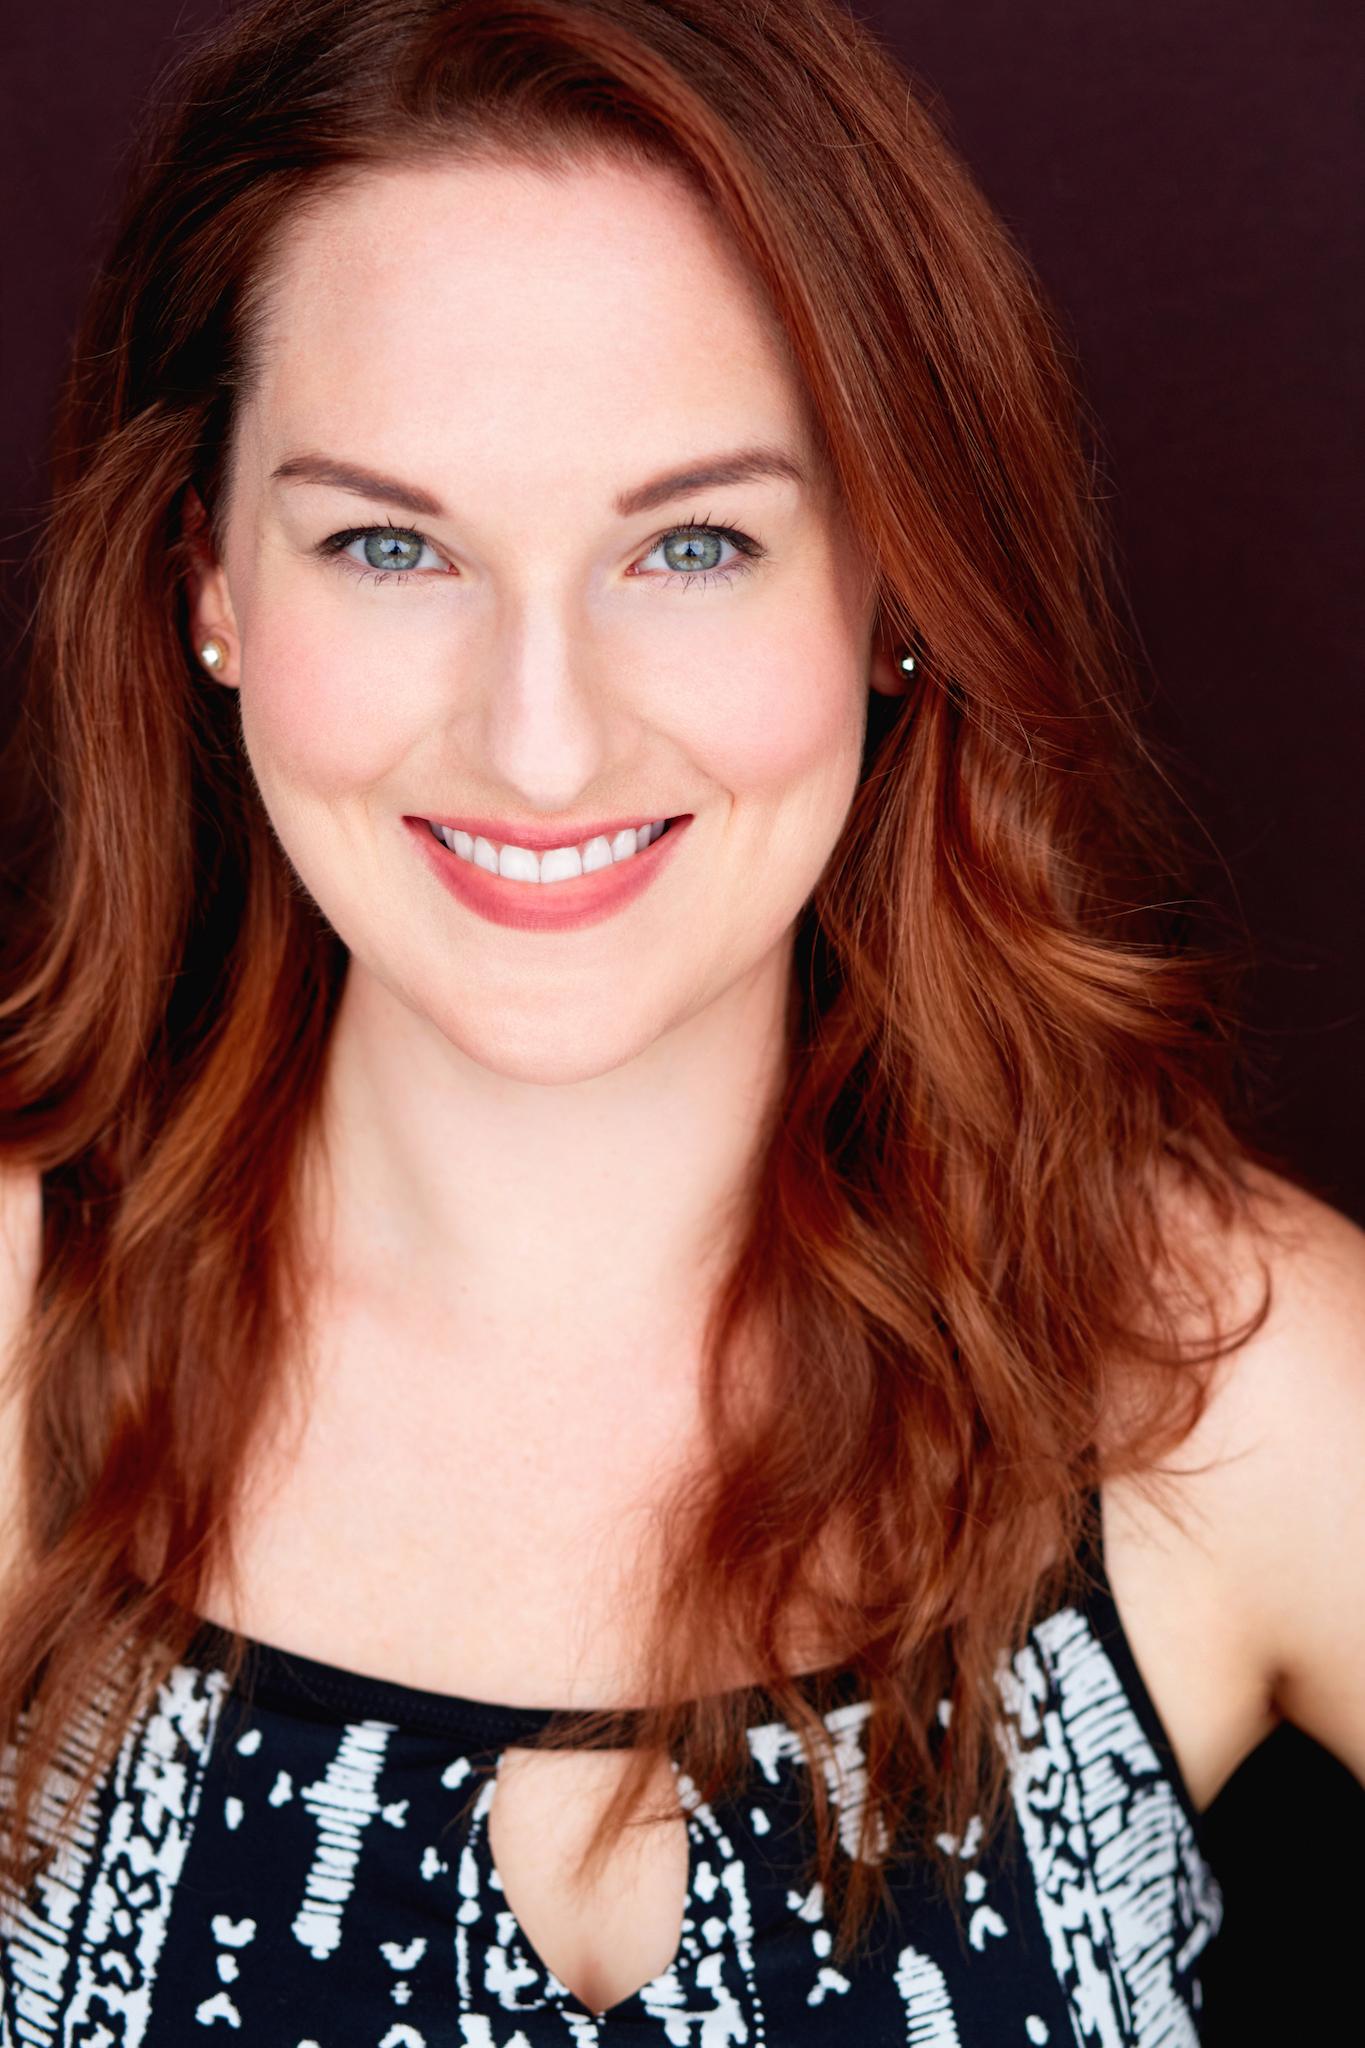 Erin-Elizabeth-Eichhorn-217-WEB.jpg